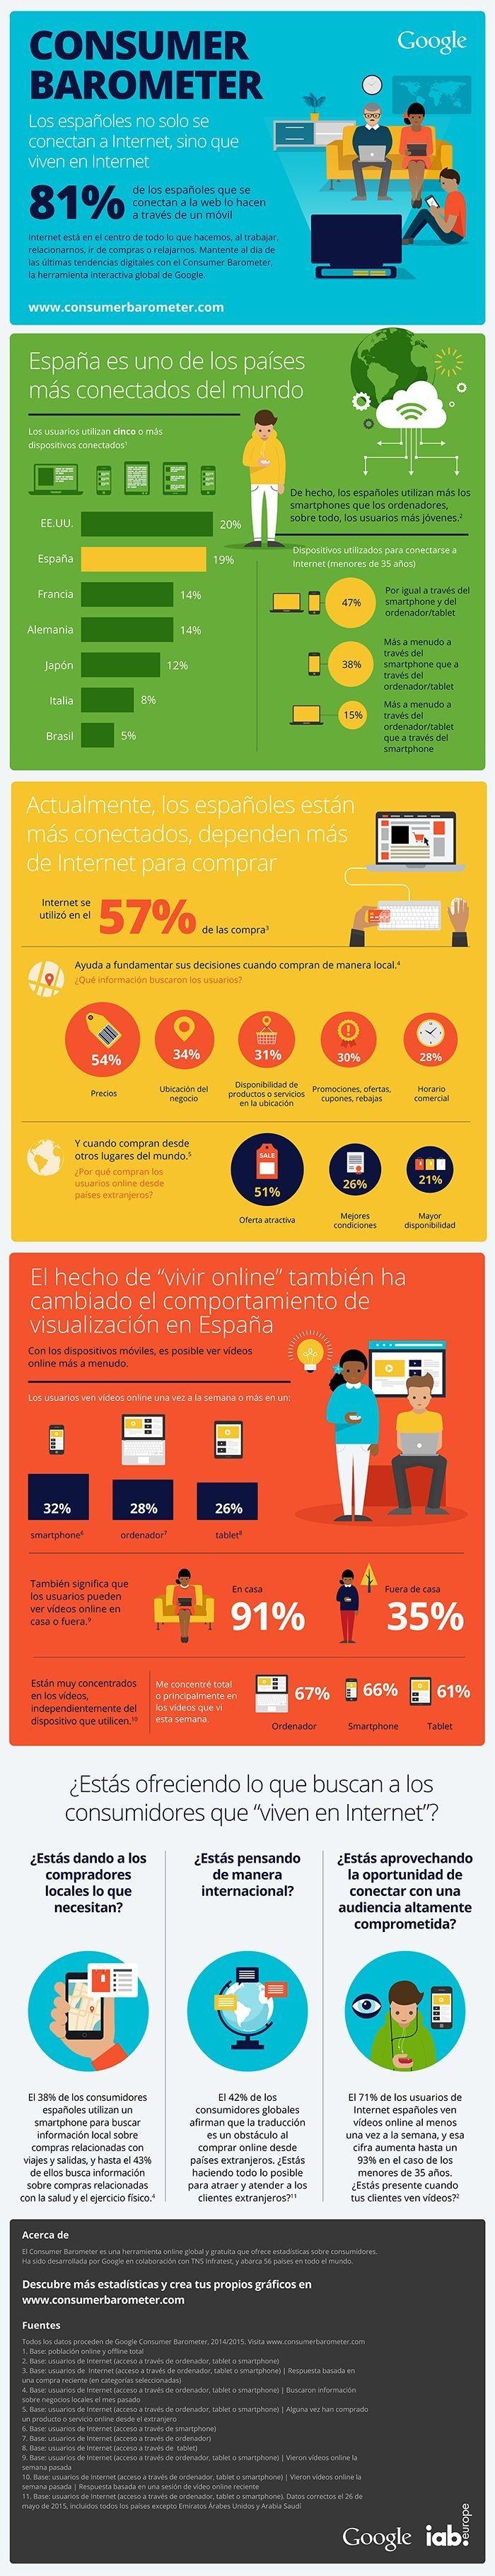 Educational infographic Los espa±oles viven en Internet CTrl Interactiva